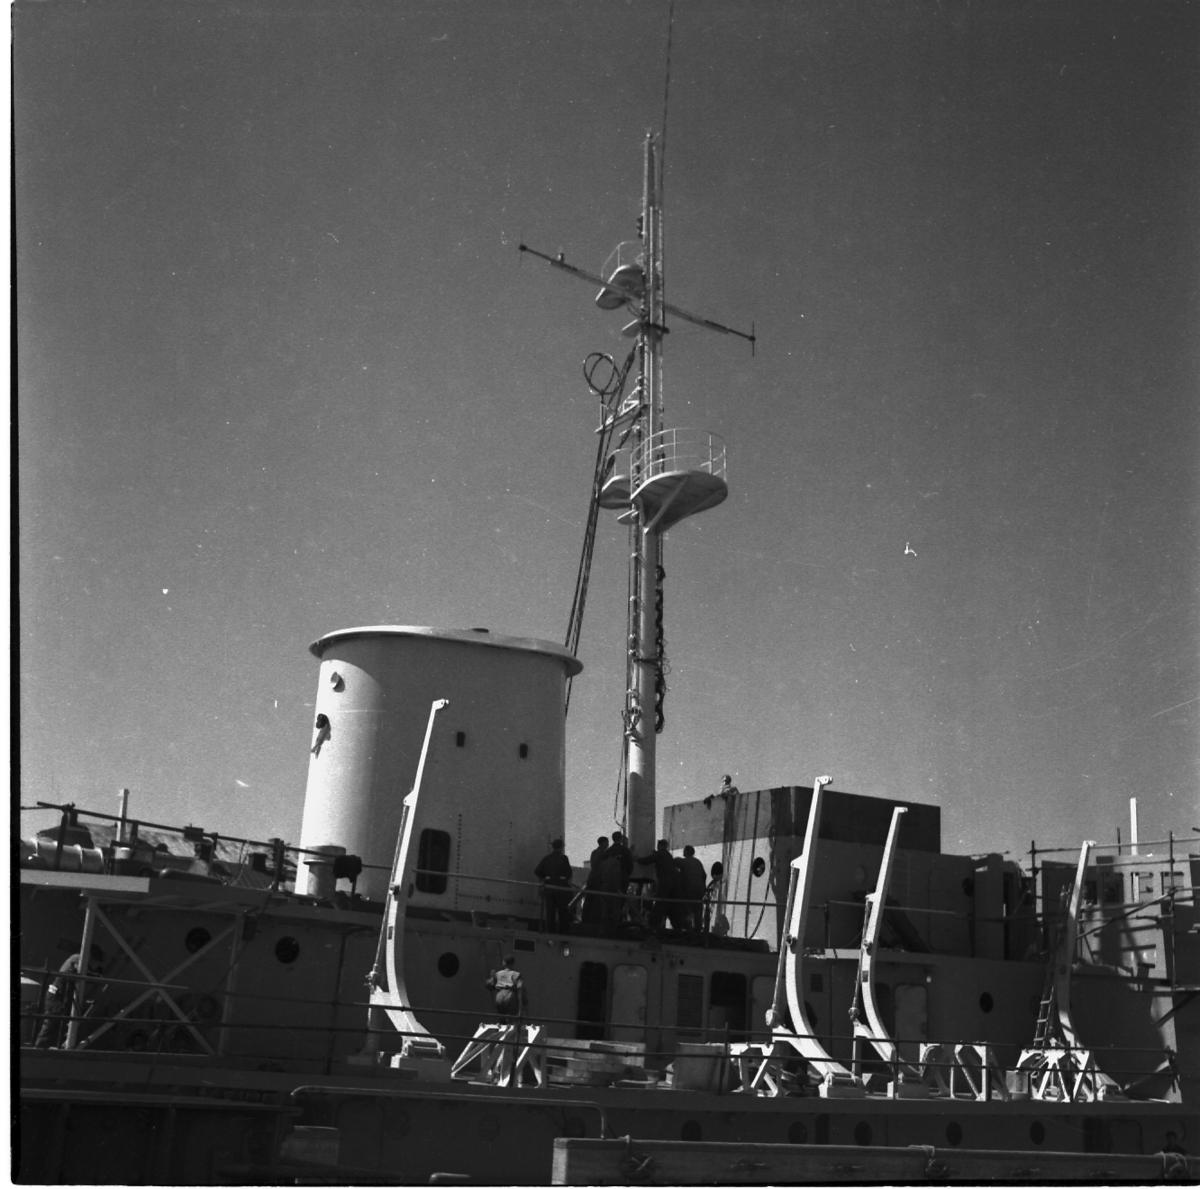 Fartyg: THULE                           Övrigt: Isbrytaren Thule, montering av mast.